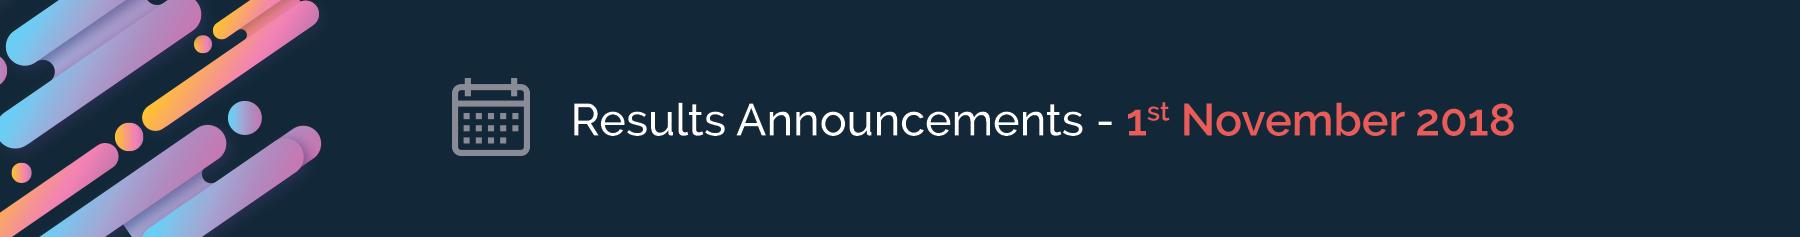 infor-slider1-results-announcement-1stnov